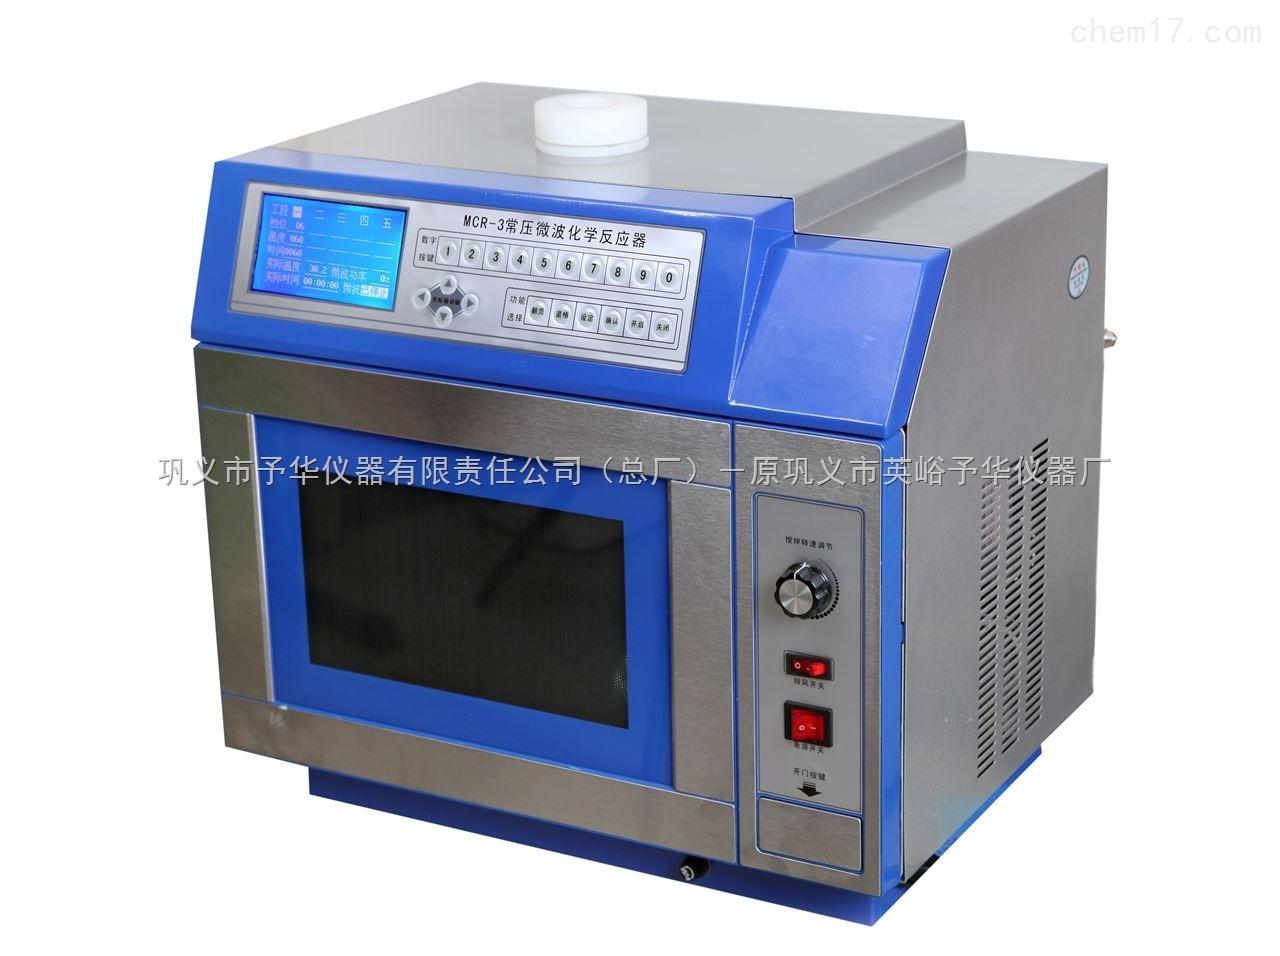 微波化学反应器,予华大品牌,值得信赖